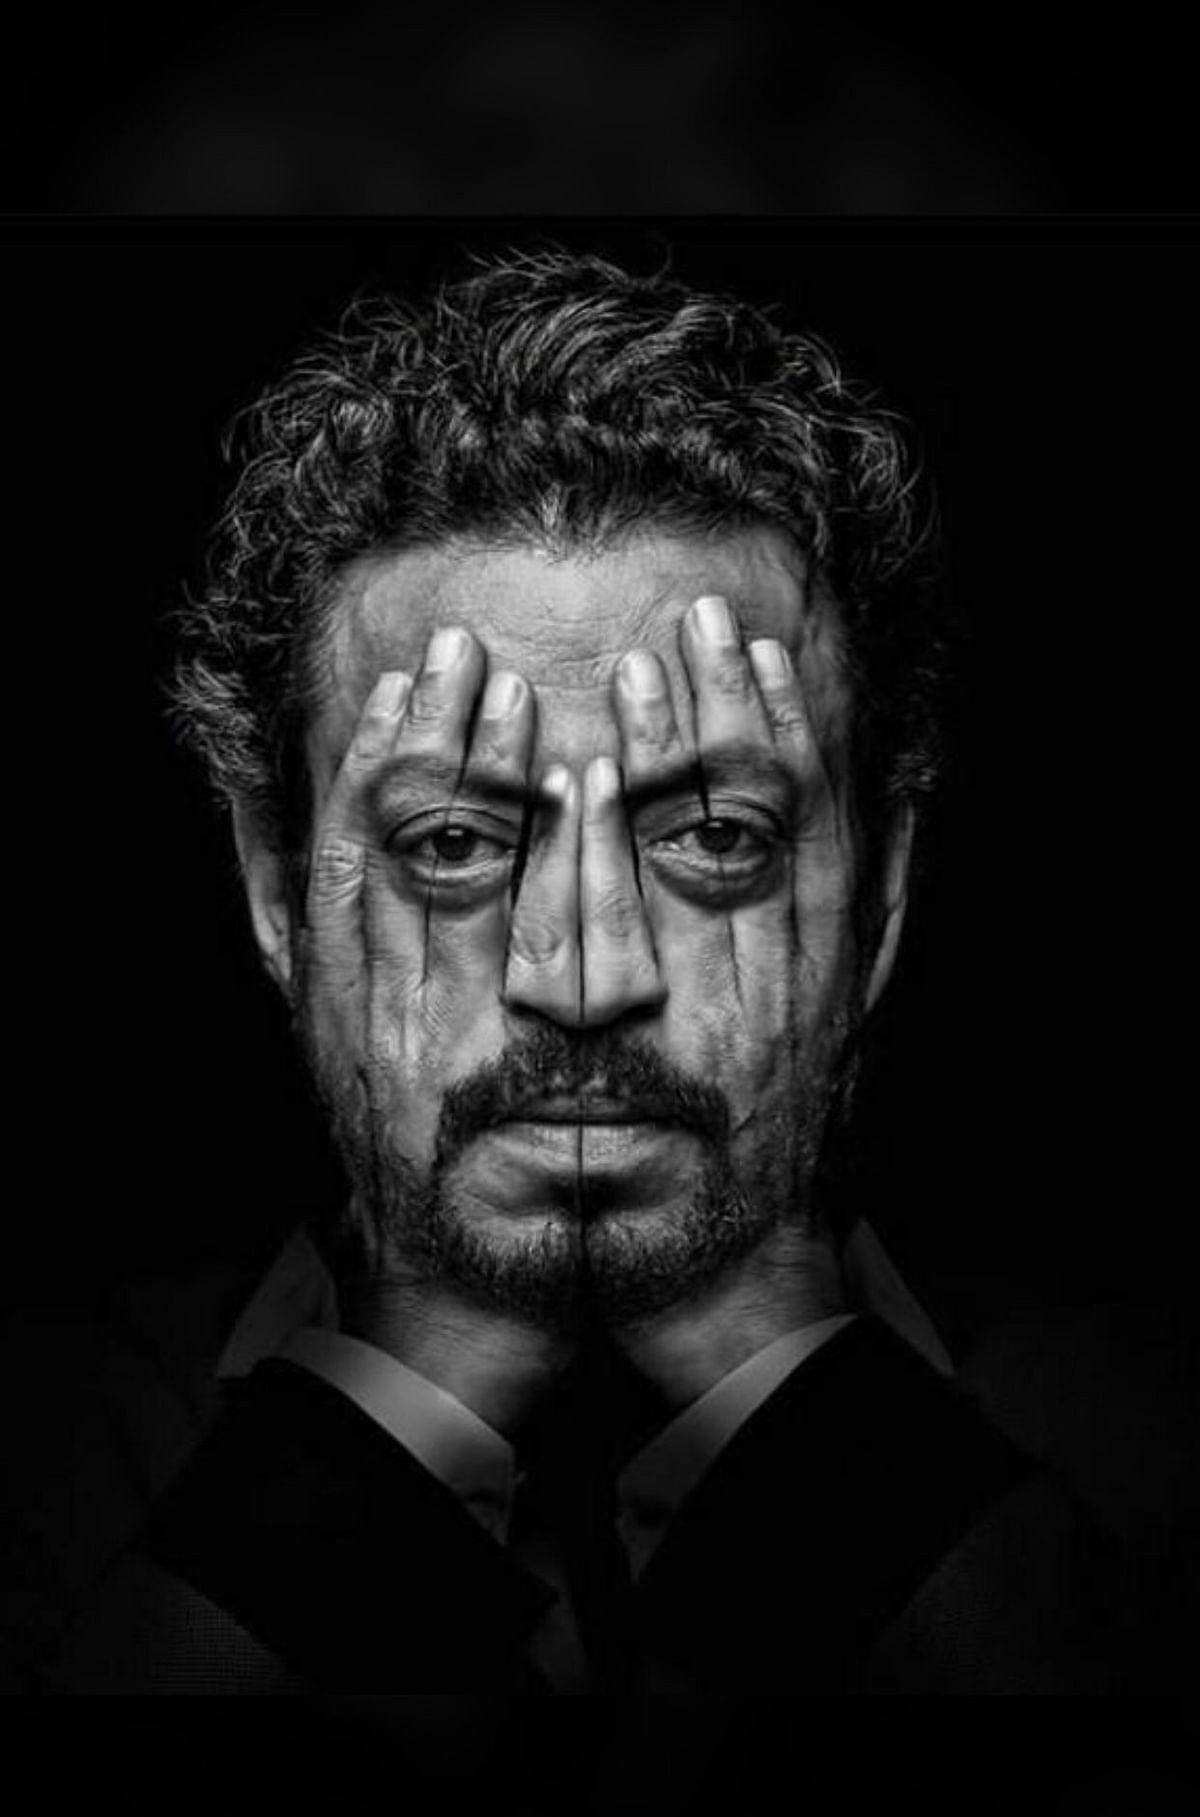 ''கண்களால் ஆழ்ந்த நடிப்பை வெளிப்படுத்தியவர்''- பத்மஸ்ரீ விருது வென்ற நடிகர் இர்ஃபான் கான் காலமானார்!